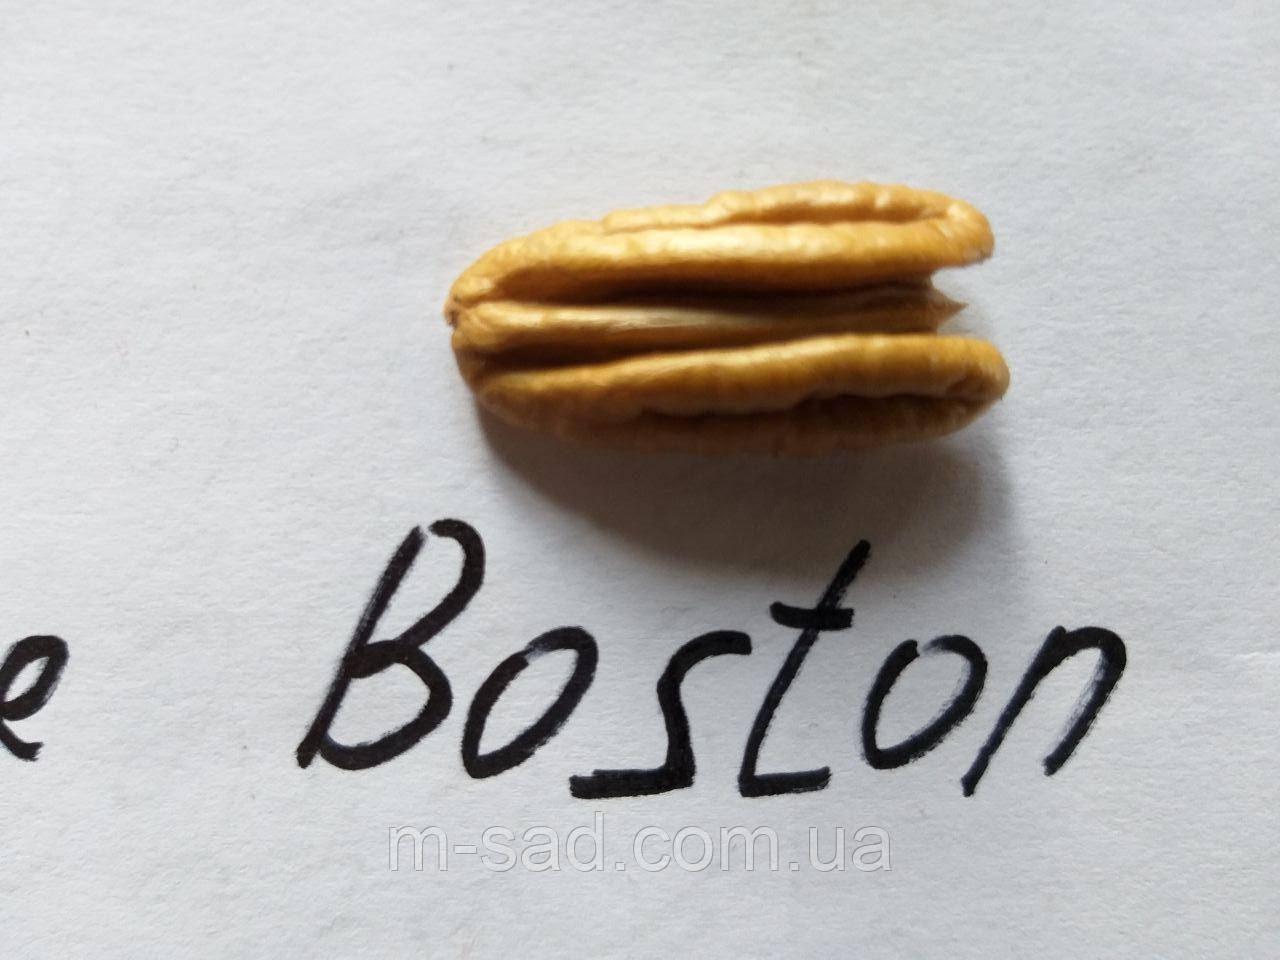 Пекан Boston однолетний)